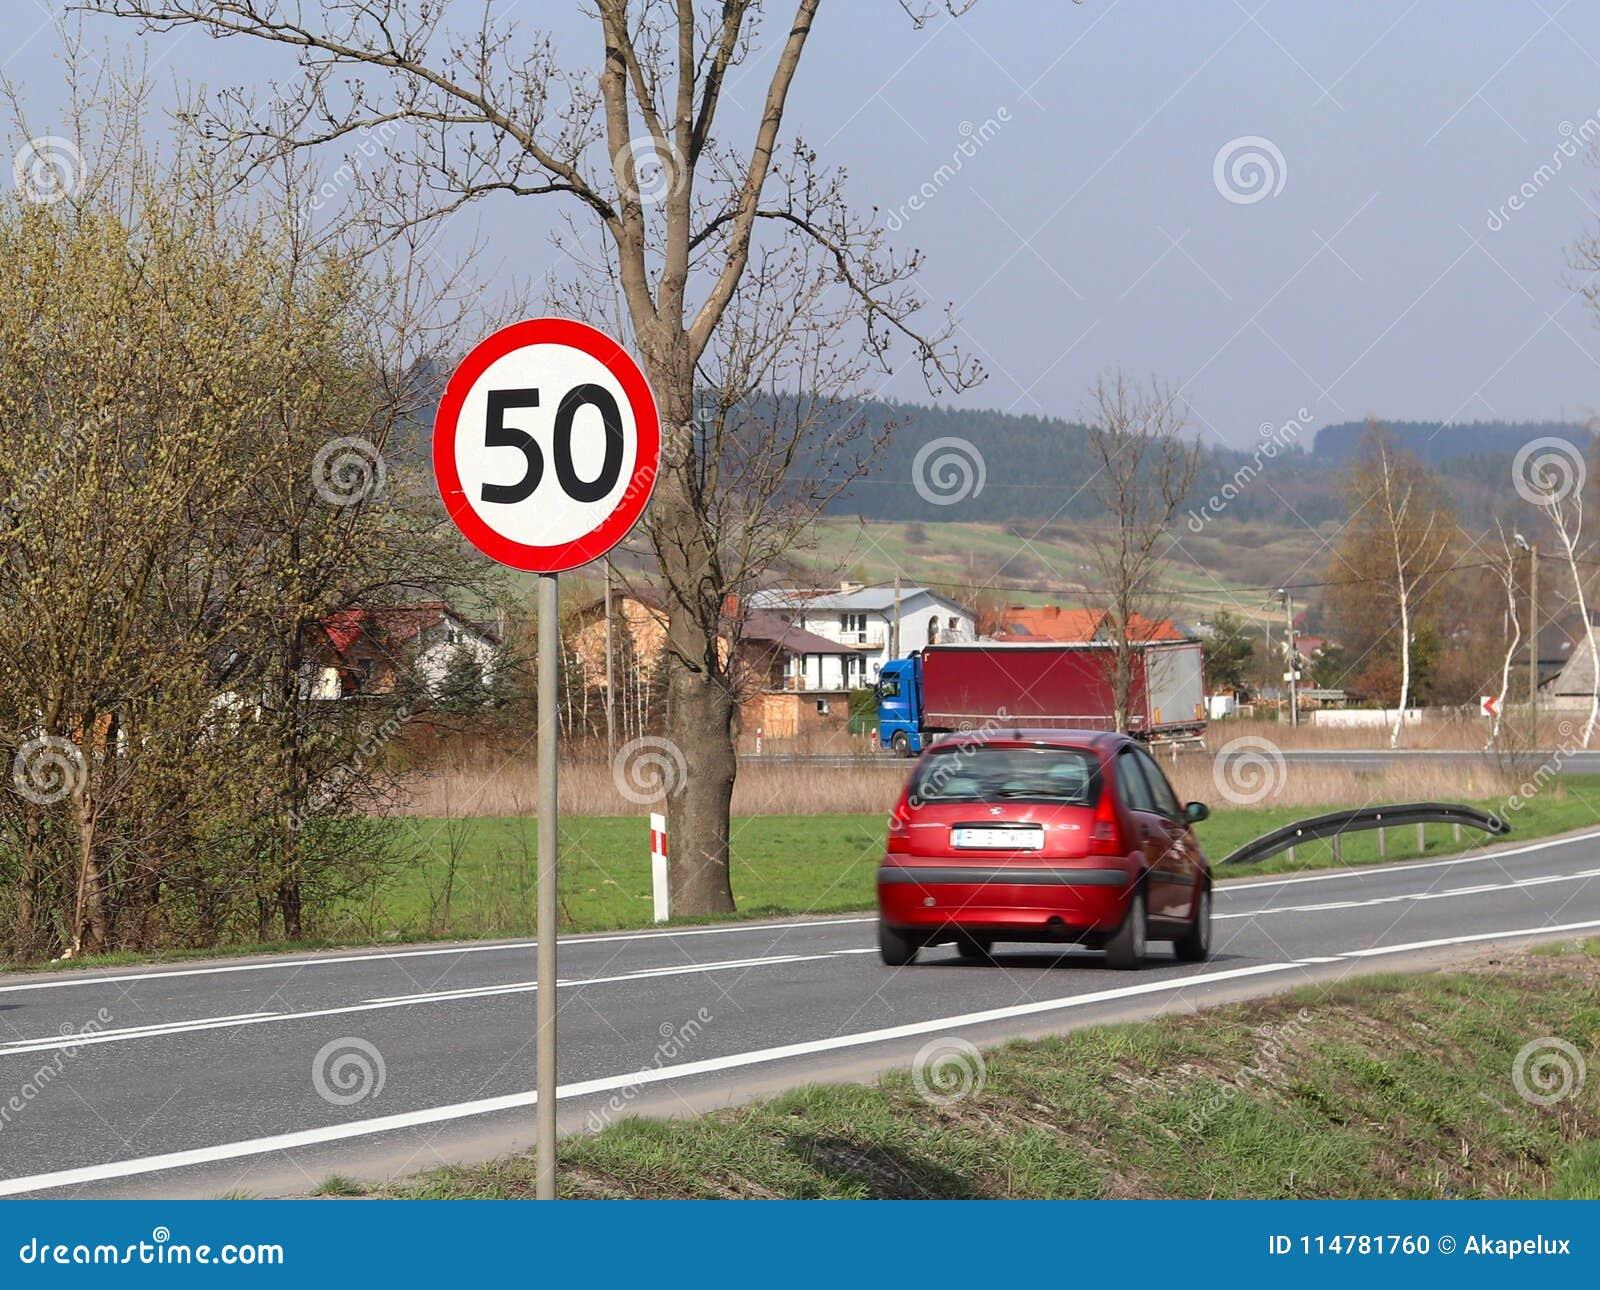 Begrenzung der Geschwindigkeit des Verkehrs zu 50 km/h Verkehrsschild auf der Autobahn Sicherheit des Verkehrs Bewegungstransport